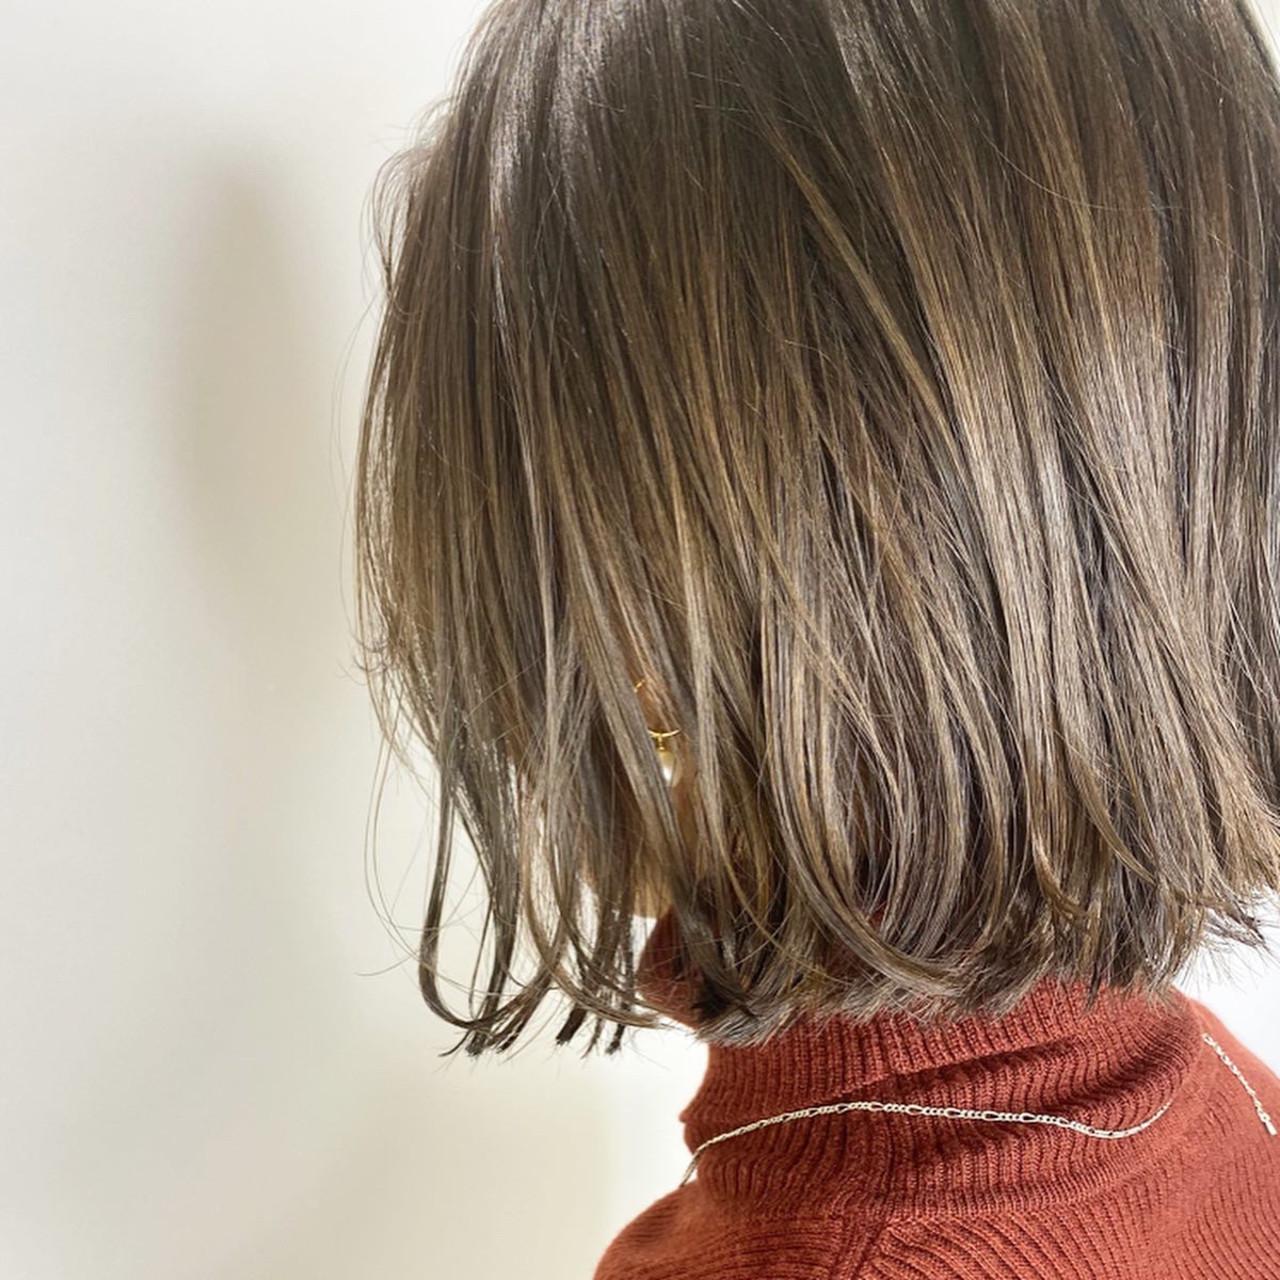 グレージュ ボブ ナチュラル アッシュベージュ ヘアスタイルや髪型の写真・画像 | 石渡諒太 / Alan Smithee